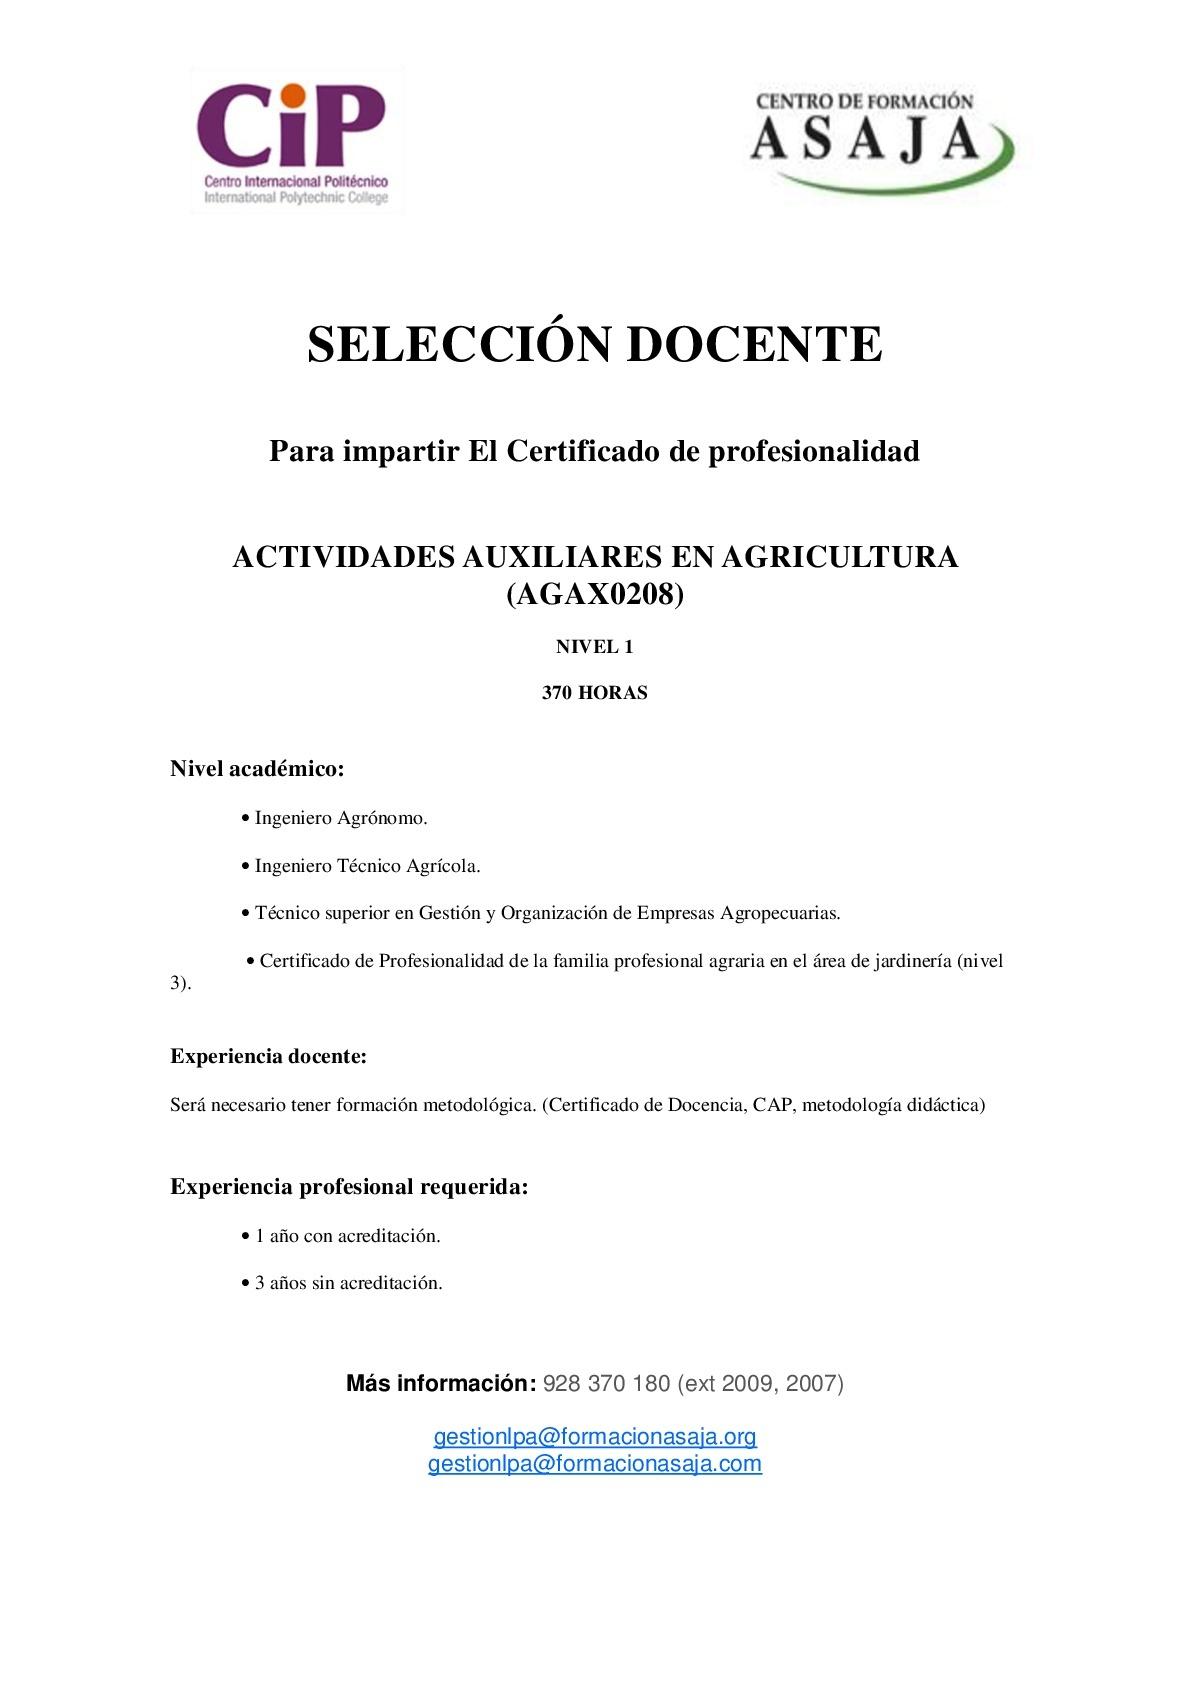 """Docente de """"ACTIVIDADES AUXILIARES EN AGRICULTURA"""" para Gran Canaria"""